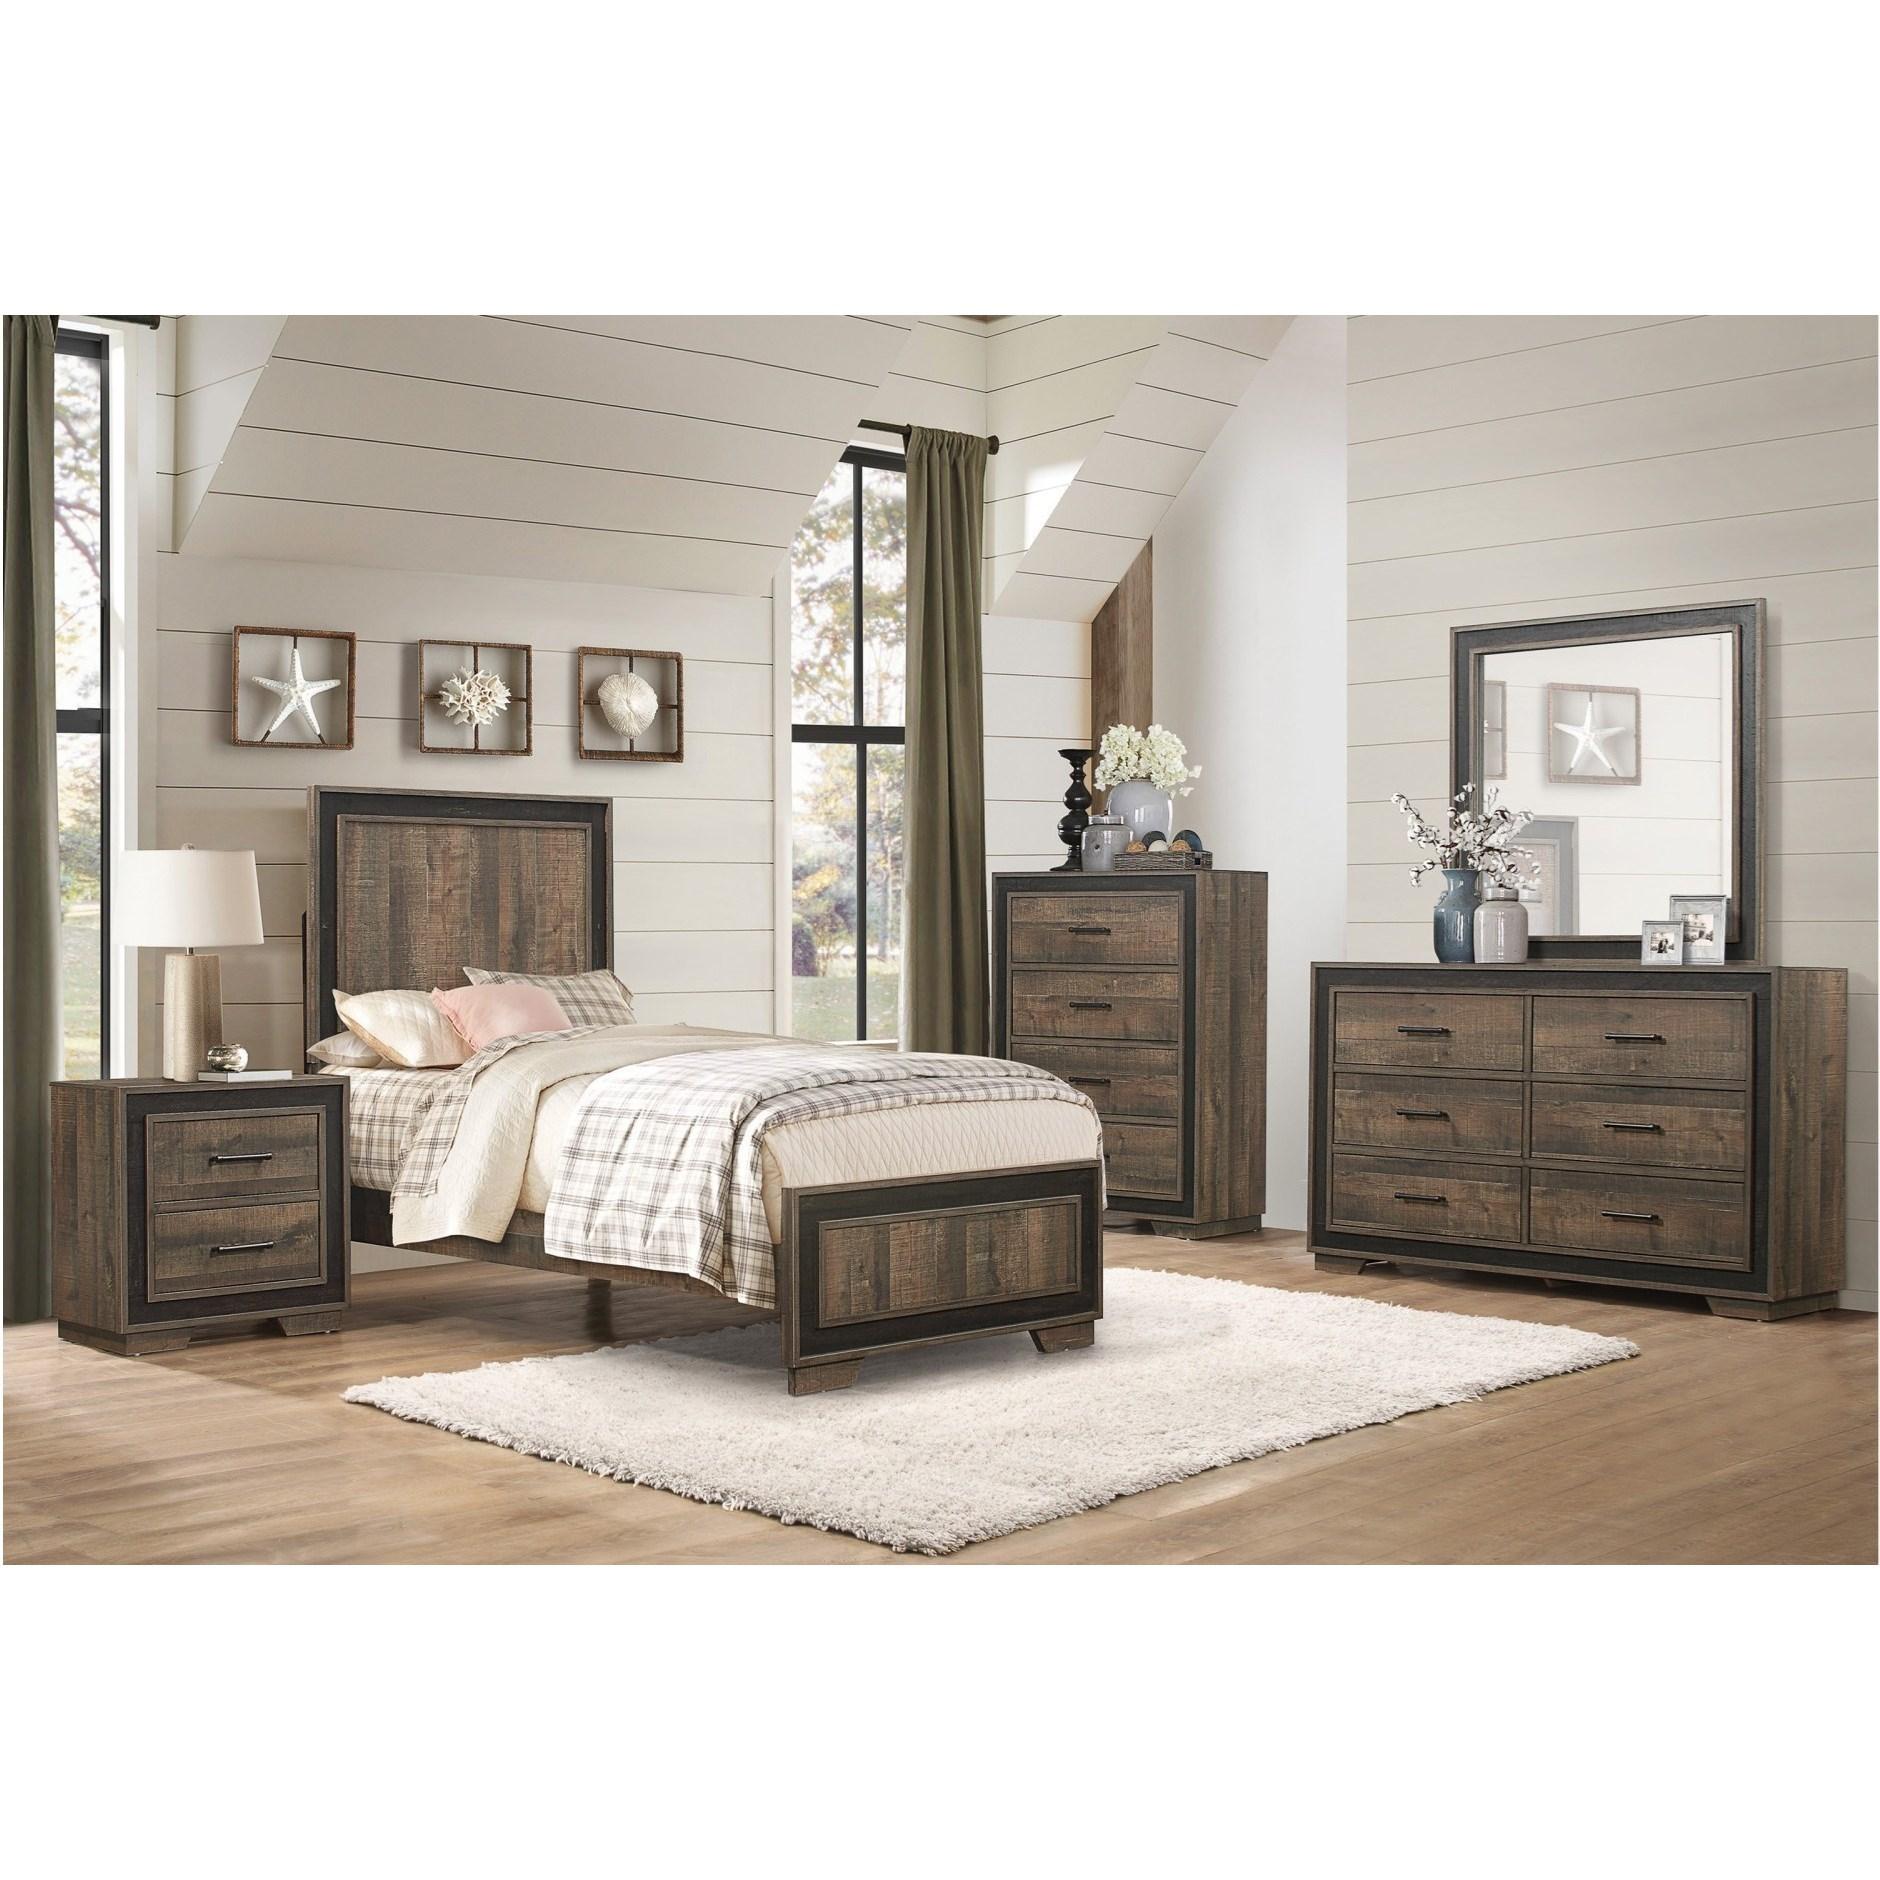 Ellendale Full Bedroom Group by Homelegance at Beck's Furniture